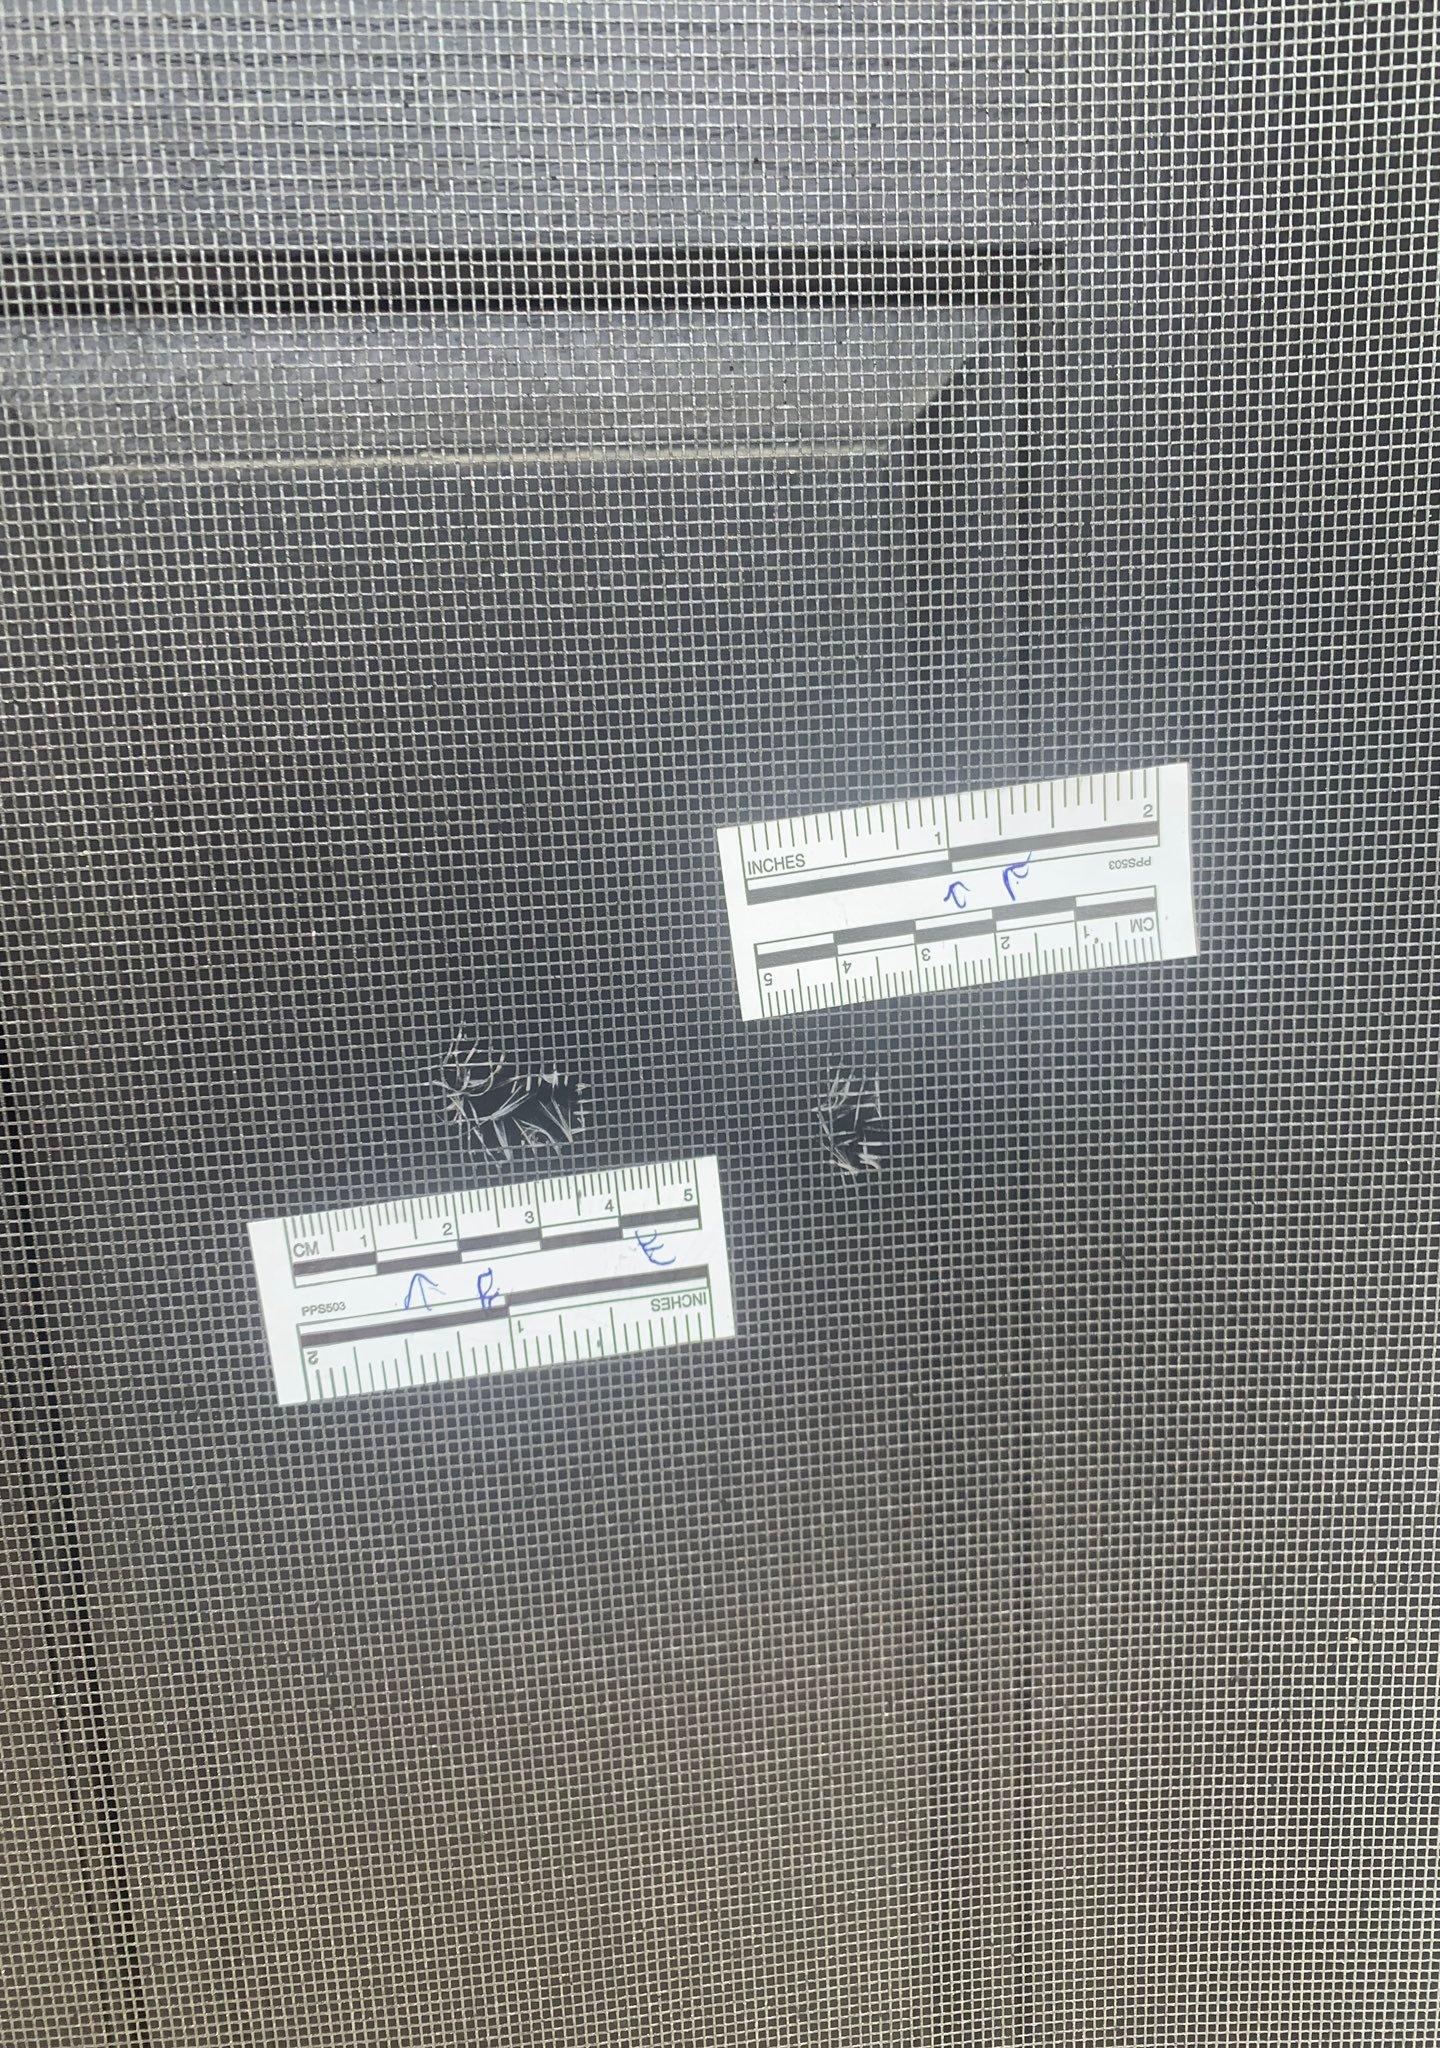 apex ois bullet holes 2_1556295569910.jpg.jpg